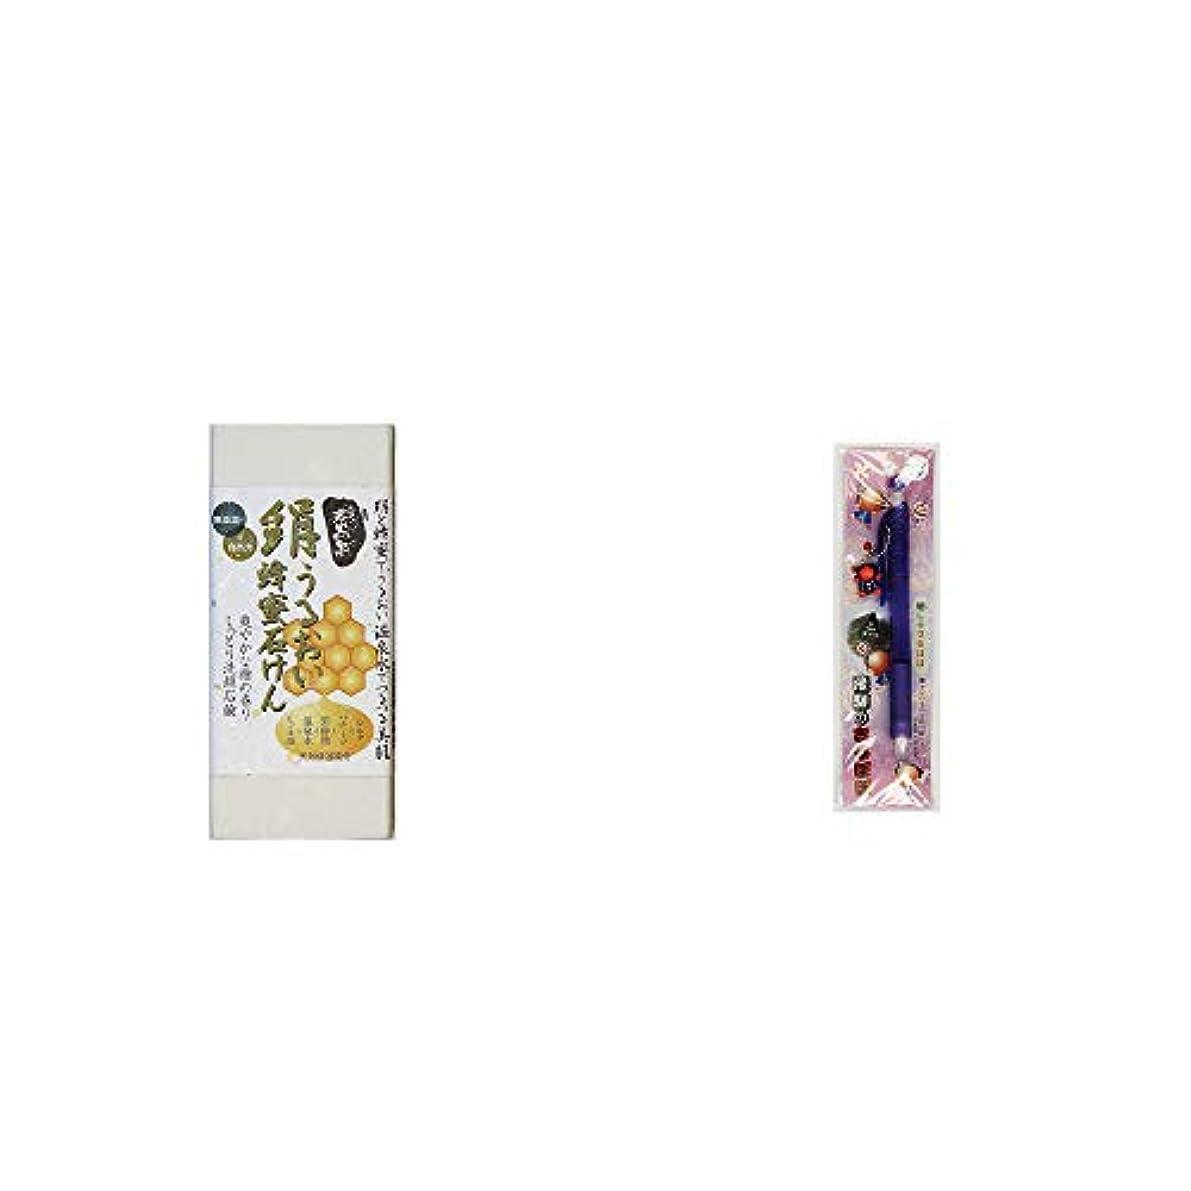 聴衆密度じゃがいも[2点セット] ひのき炭黒泉 絹うるおい蜂蜜石けん(75g×2)?さるぼぼ 癒しシャープペン 【パープル】